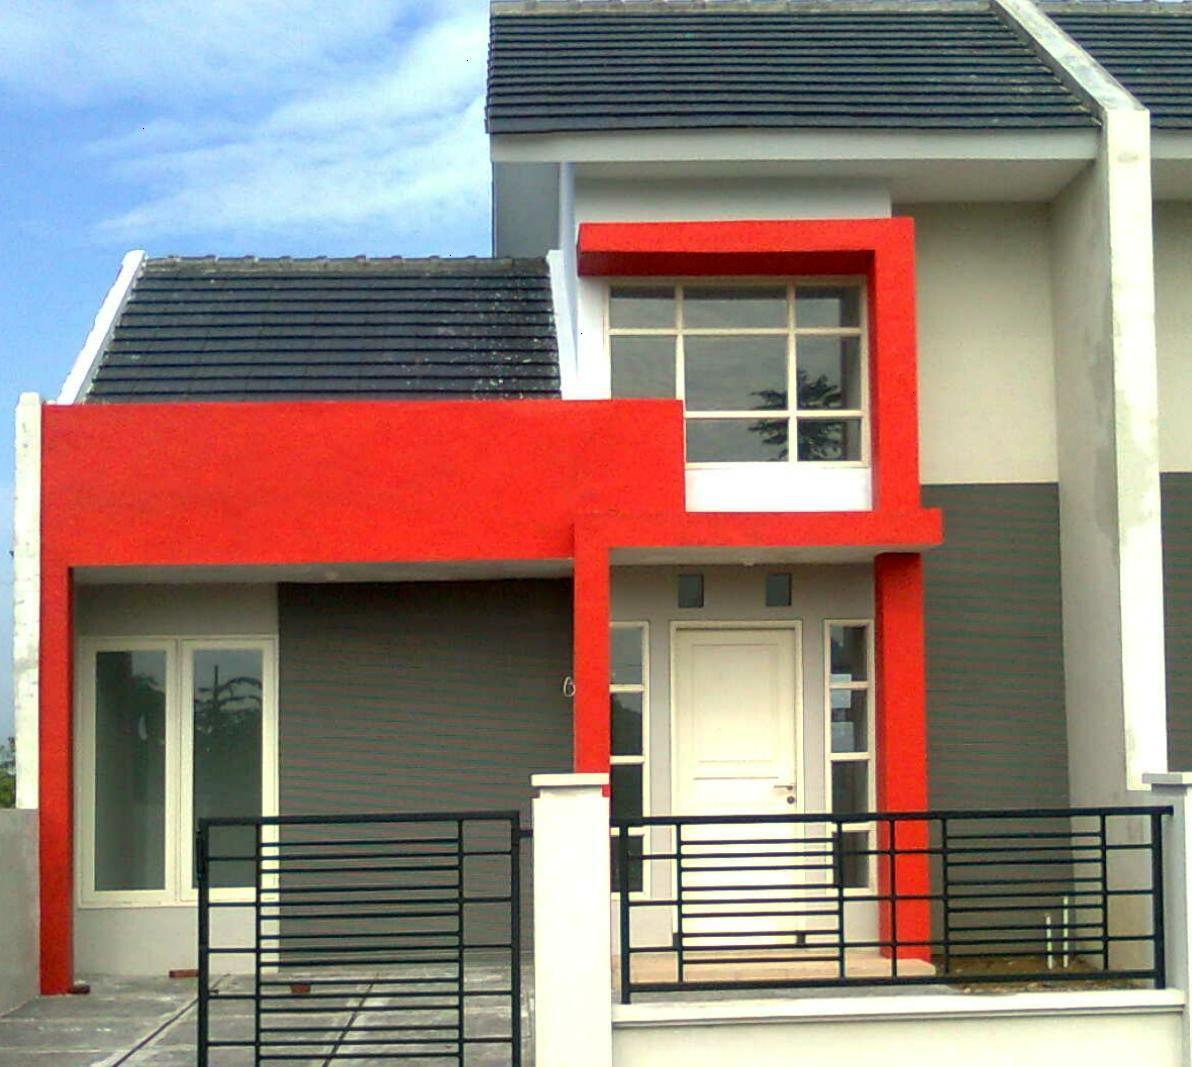 75 Gambar Rumah Sederhana Modern Yang Nampak Indah dan ...